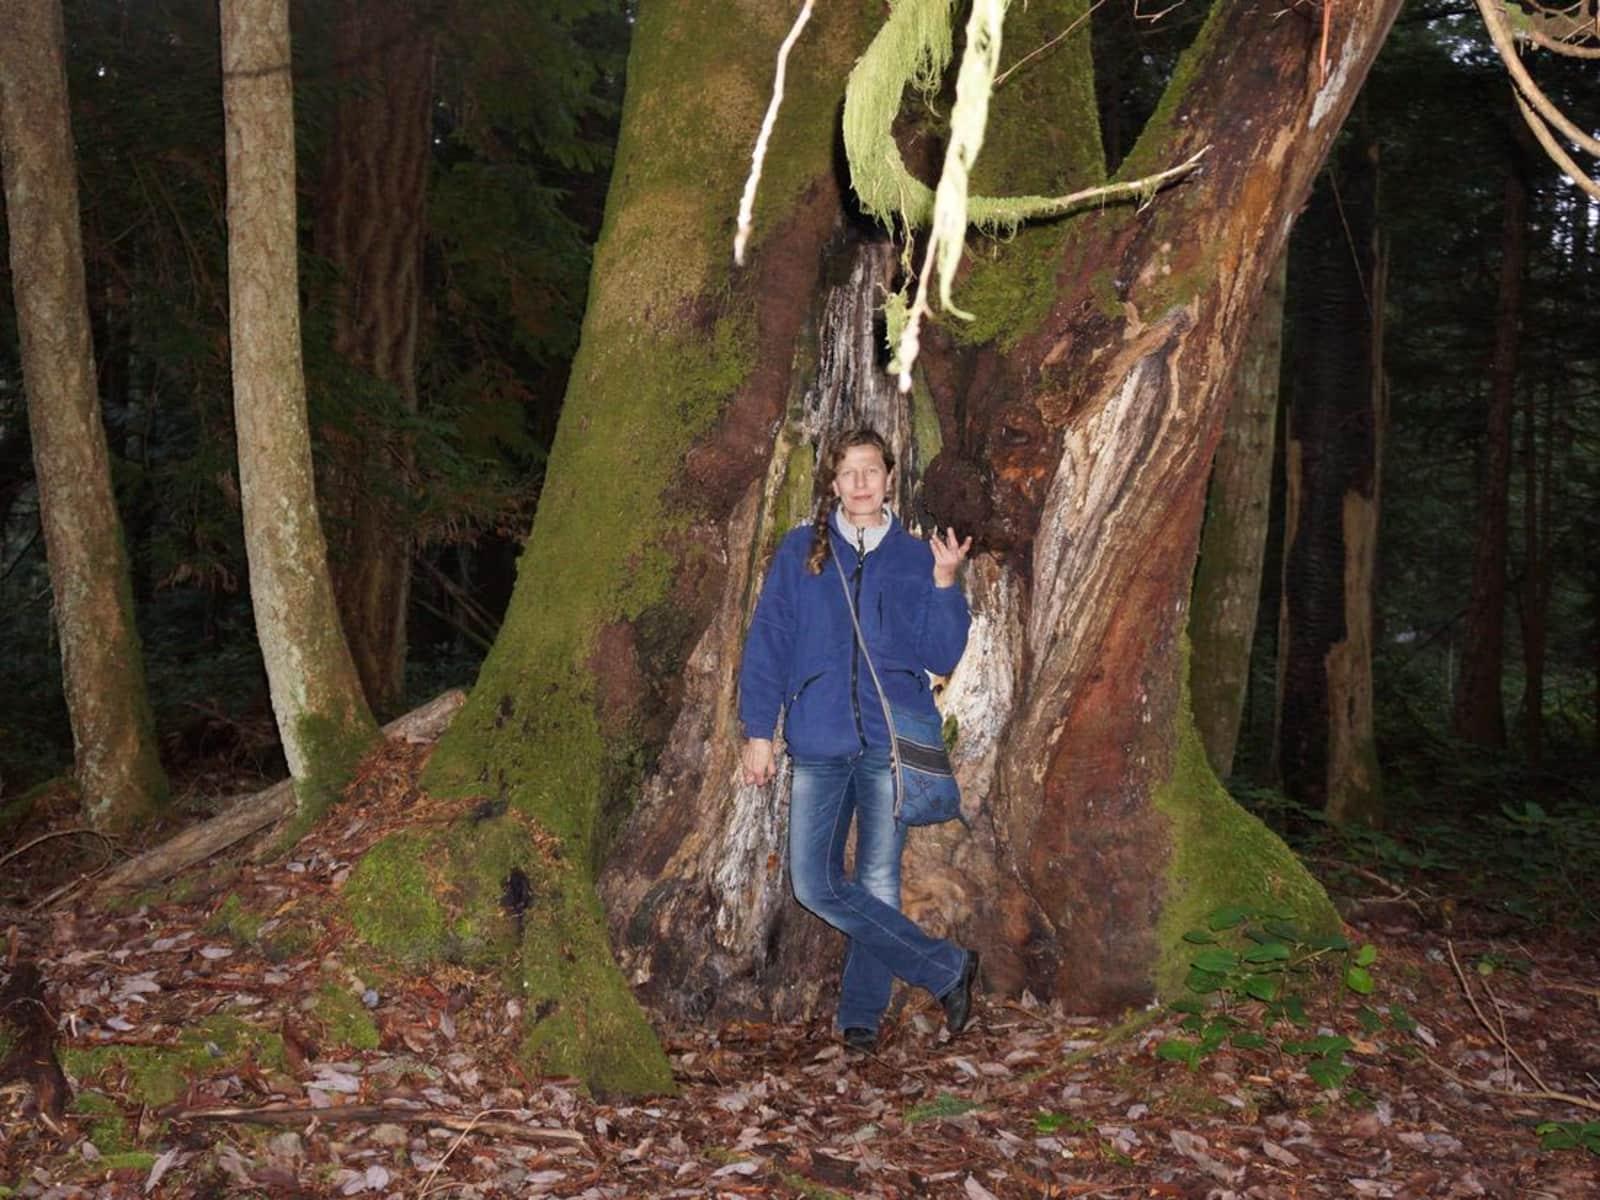 Renata from Victoria, British Columbia, Canada